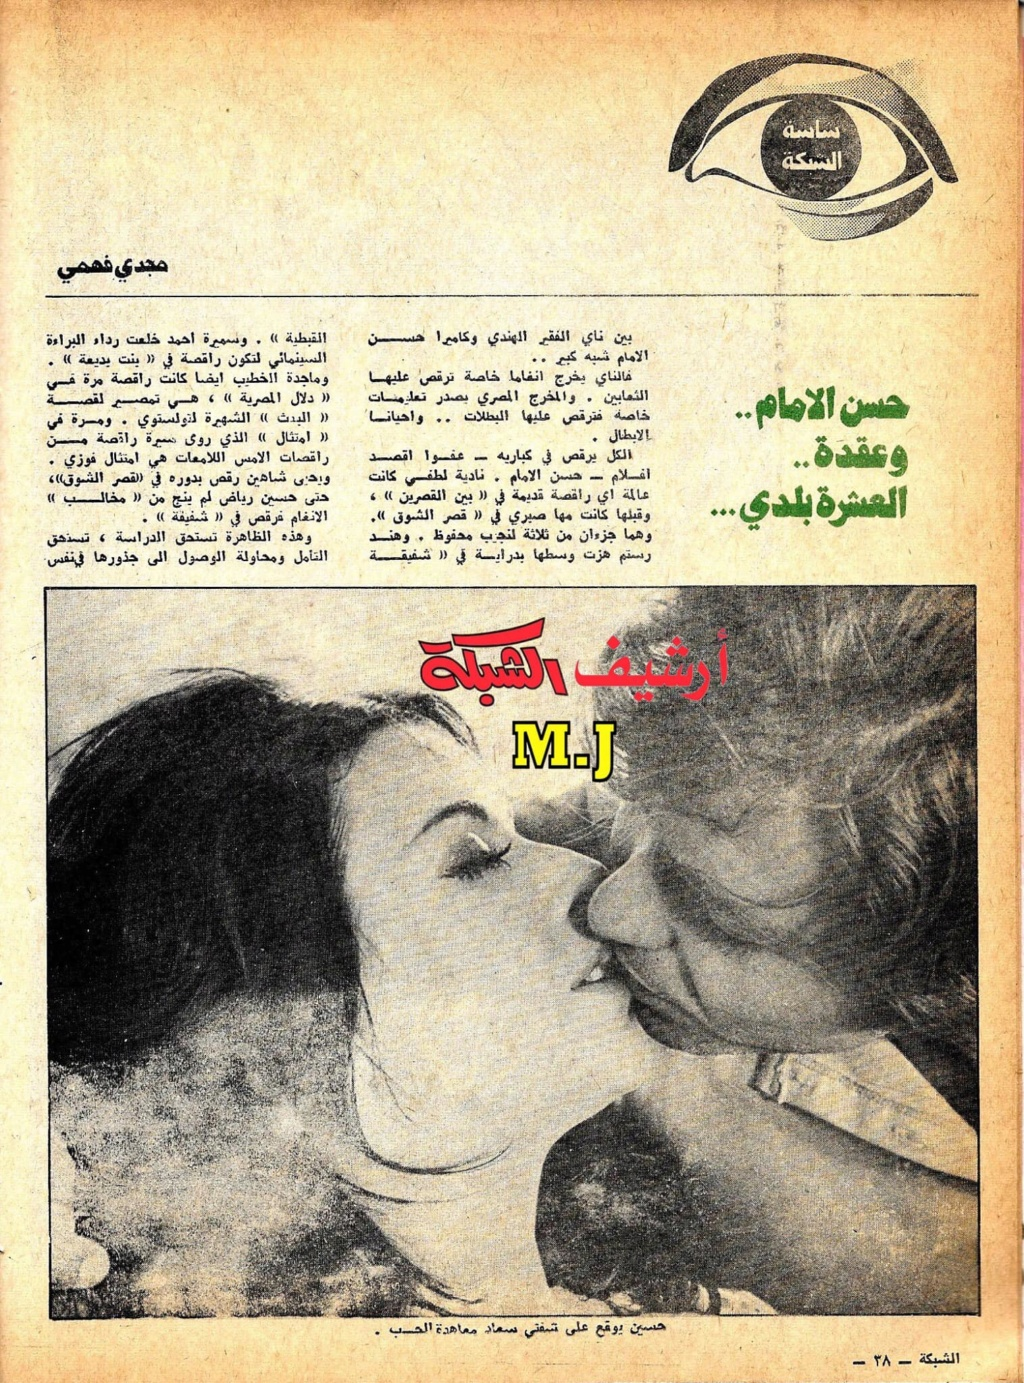 نقد صحفي : حسن الامام .. وعقدة .. العشرة بلدي .. 1972 م 1377